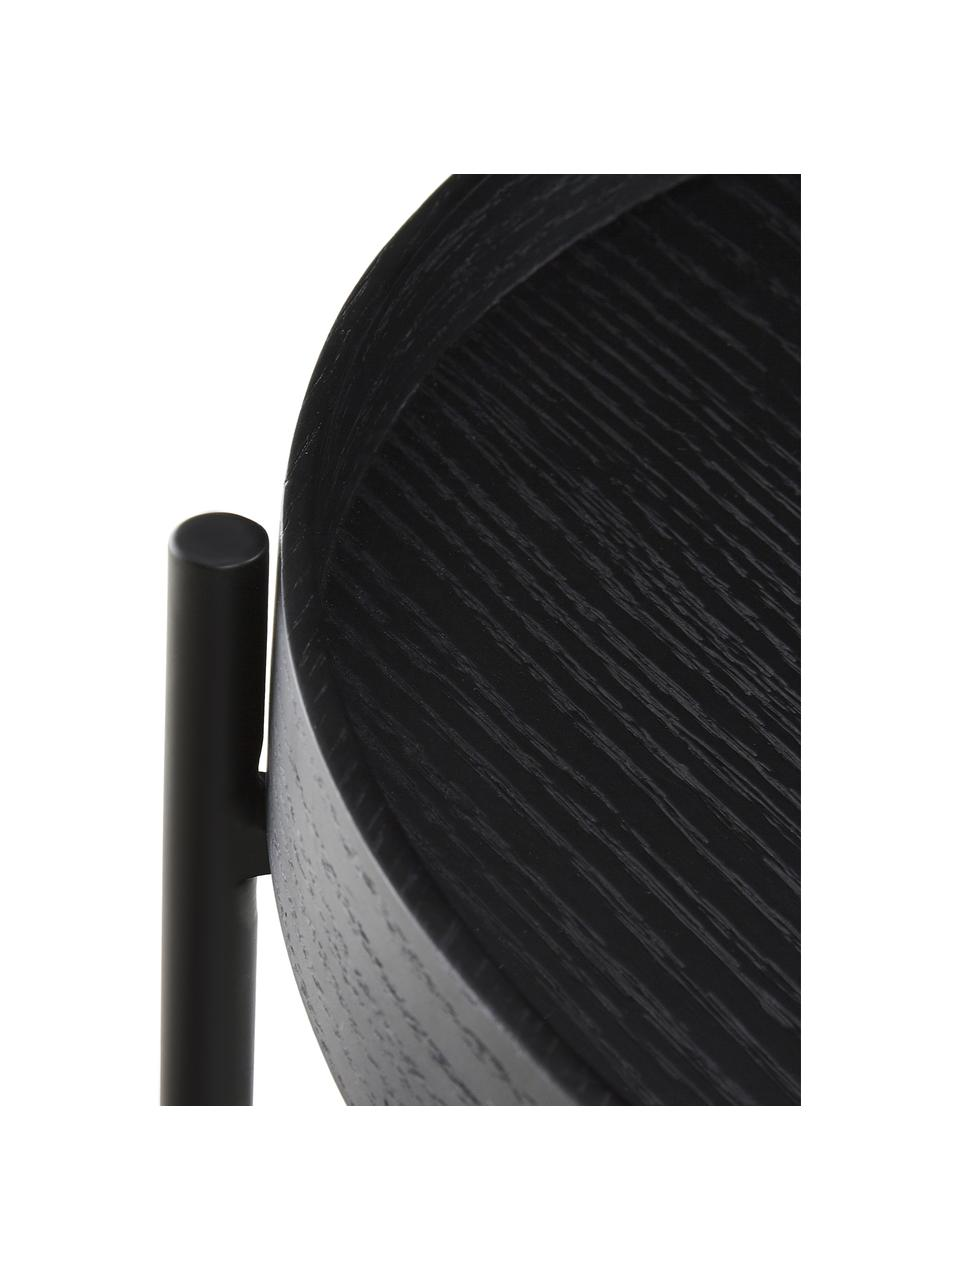 Holz-Beistelltisch Renee in Schwarz, Gestell: Metall, pulverbeschichtet, Schwarz, Ø 44 x H 49 cm